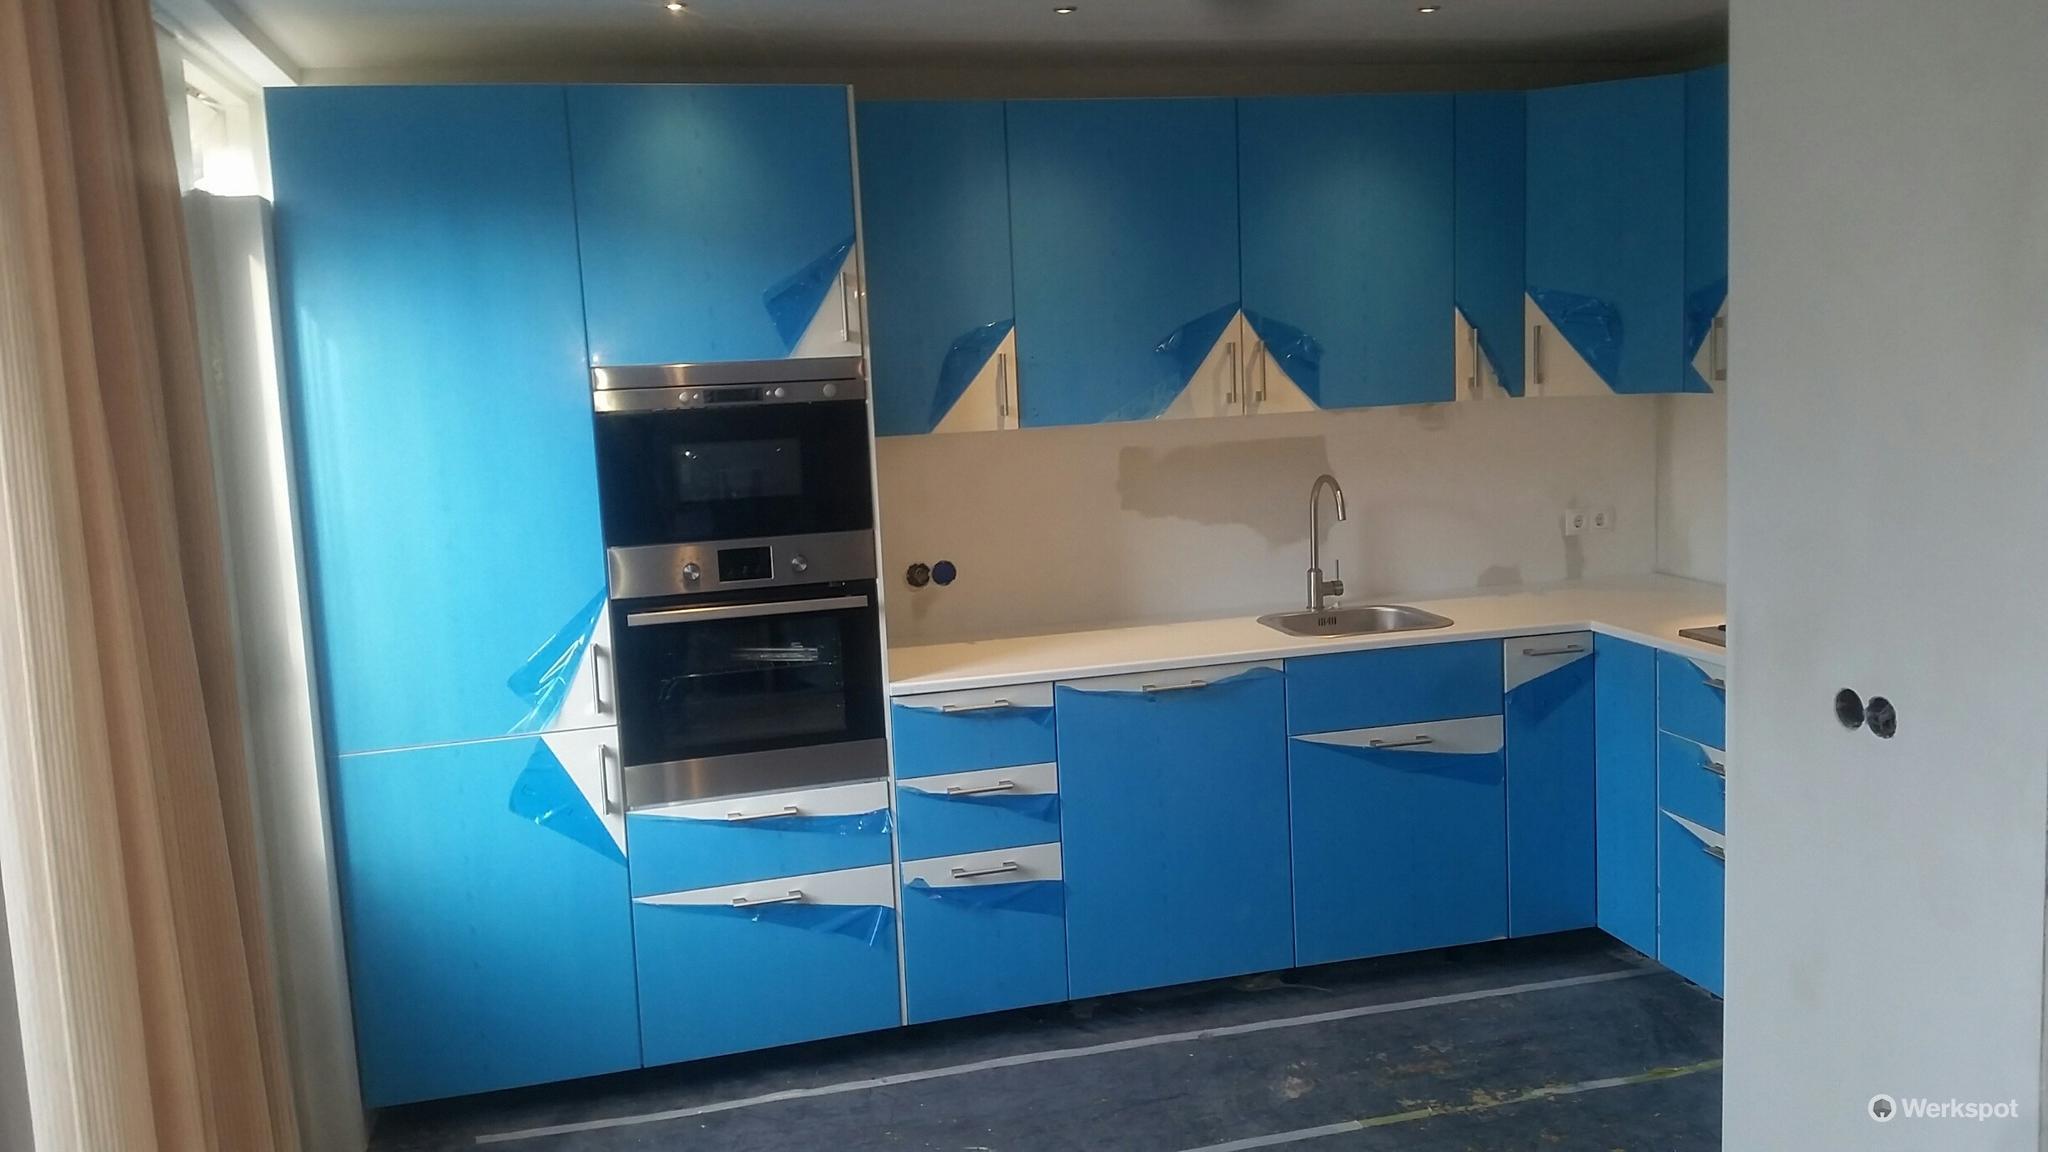 Ikea l keuken monteren werkspot